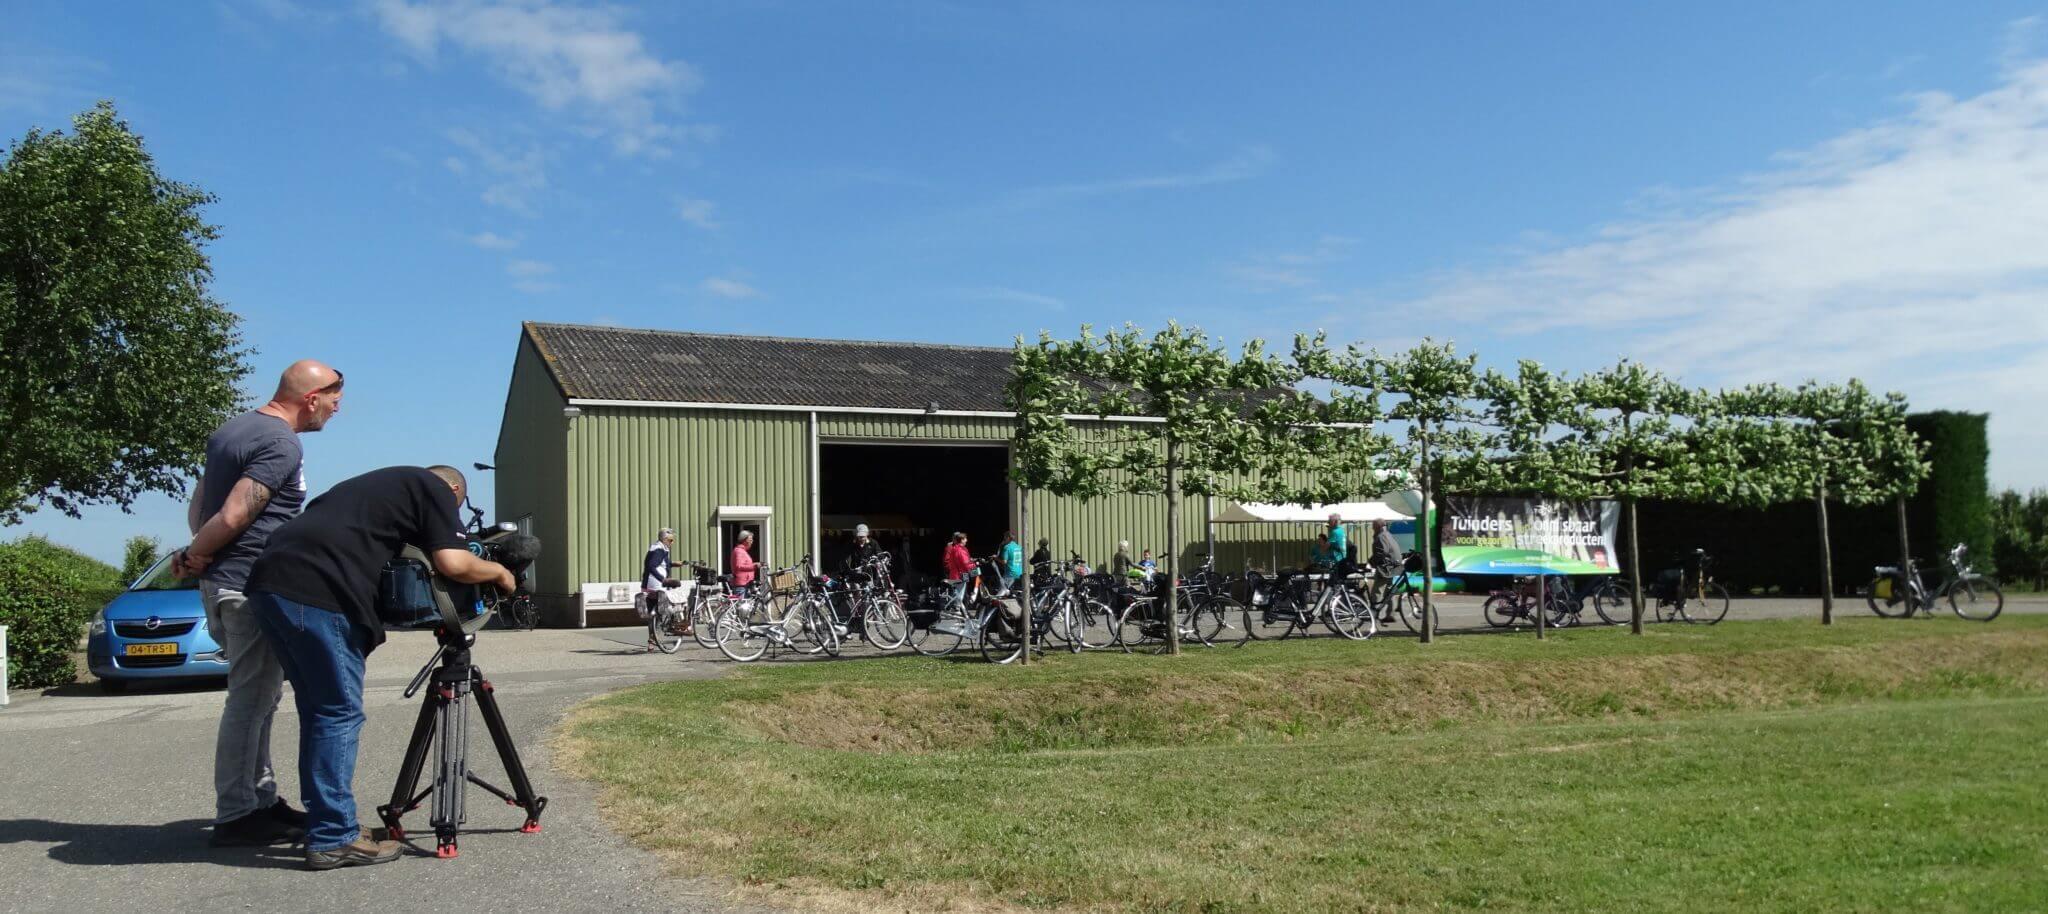 Fruitbedrijf Van den Berge_Buurten bij de Boer_Omroep Zeeland4